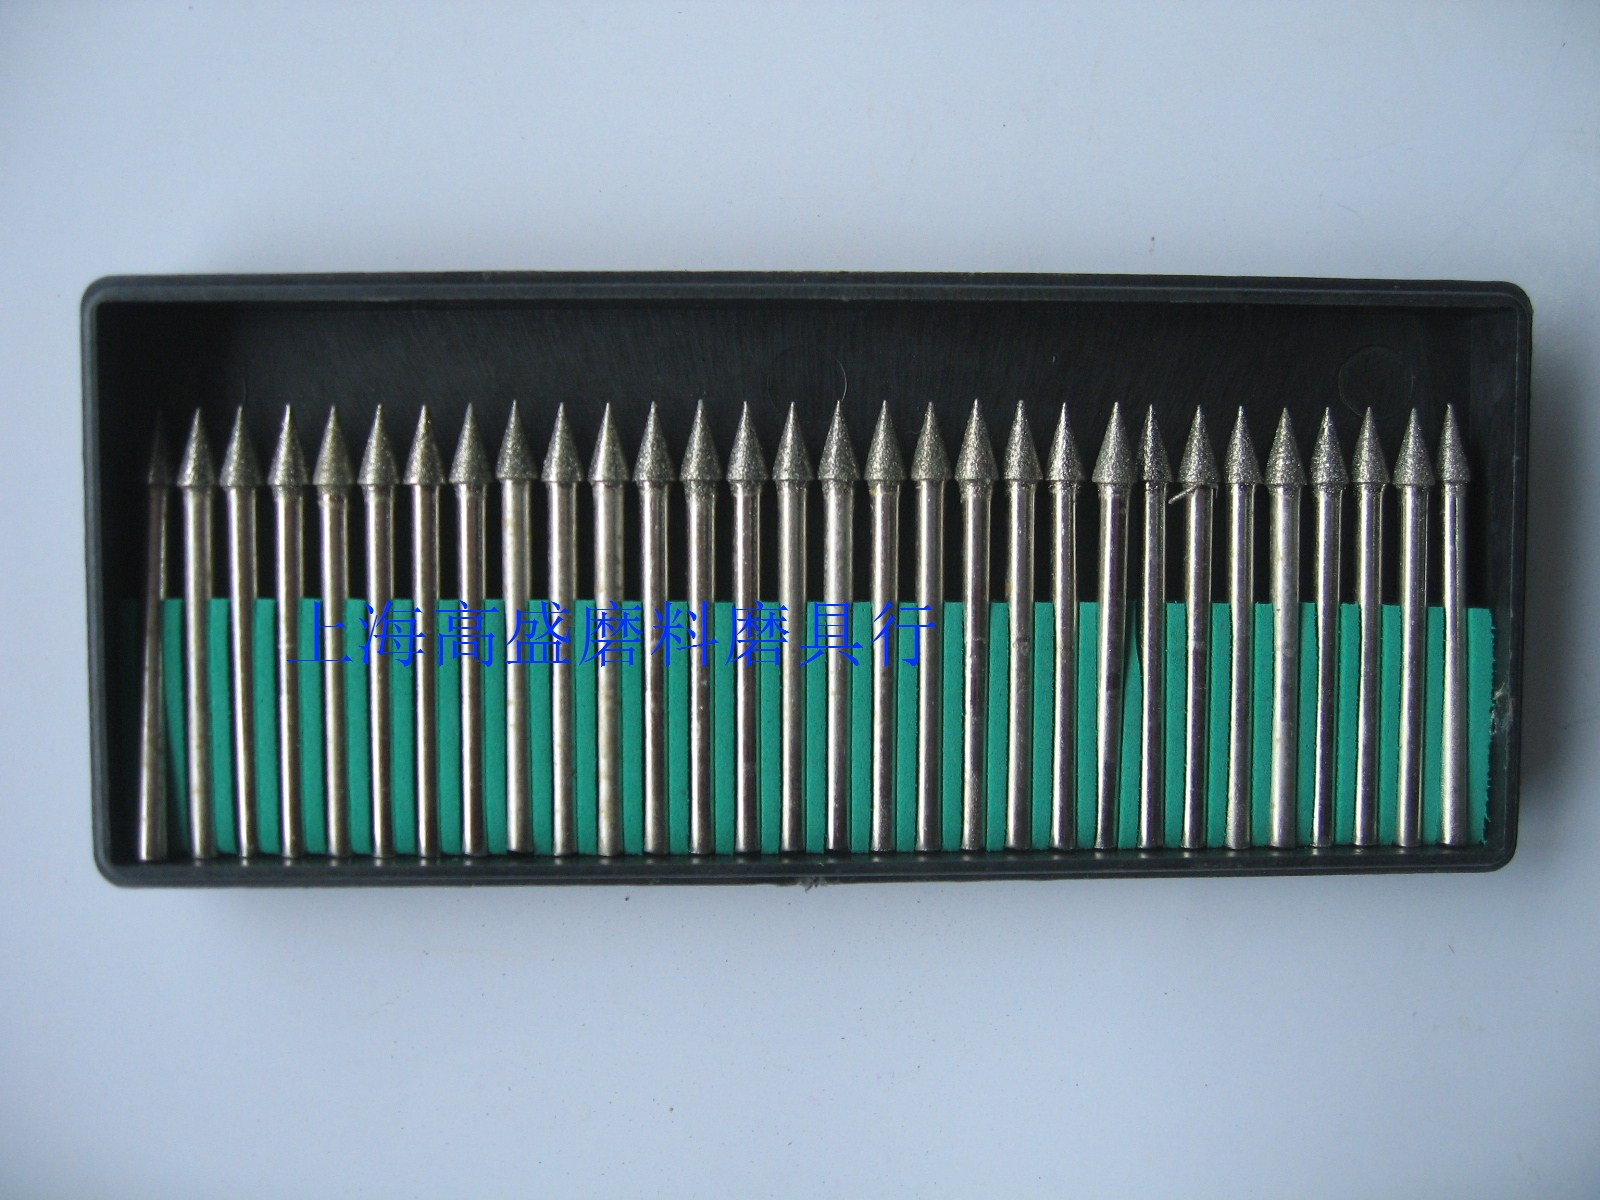 金刚石磨头 磨针 镀砂磨棒 玉石雕刻磨头 锥型4*3mm一合30支起卖